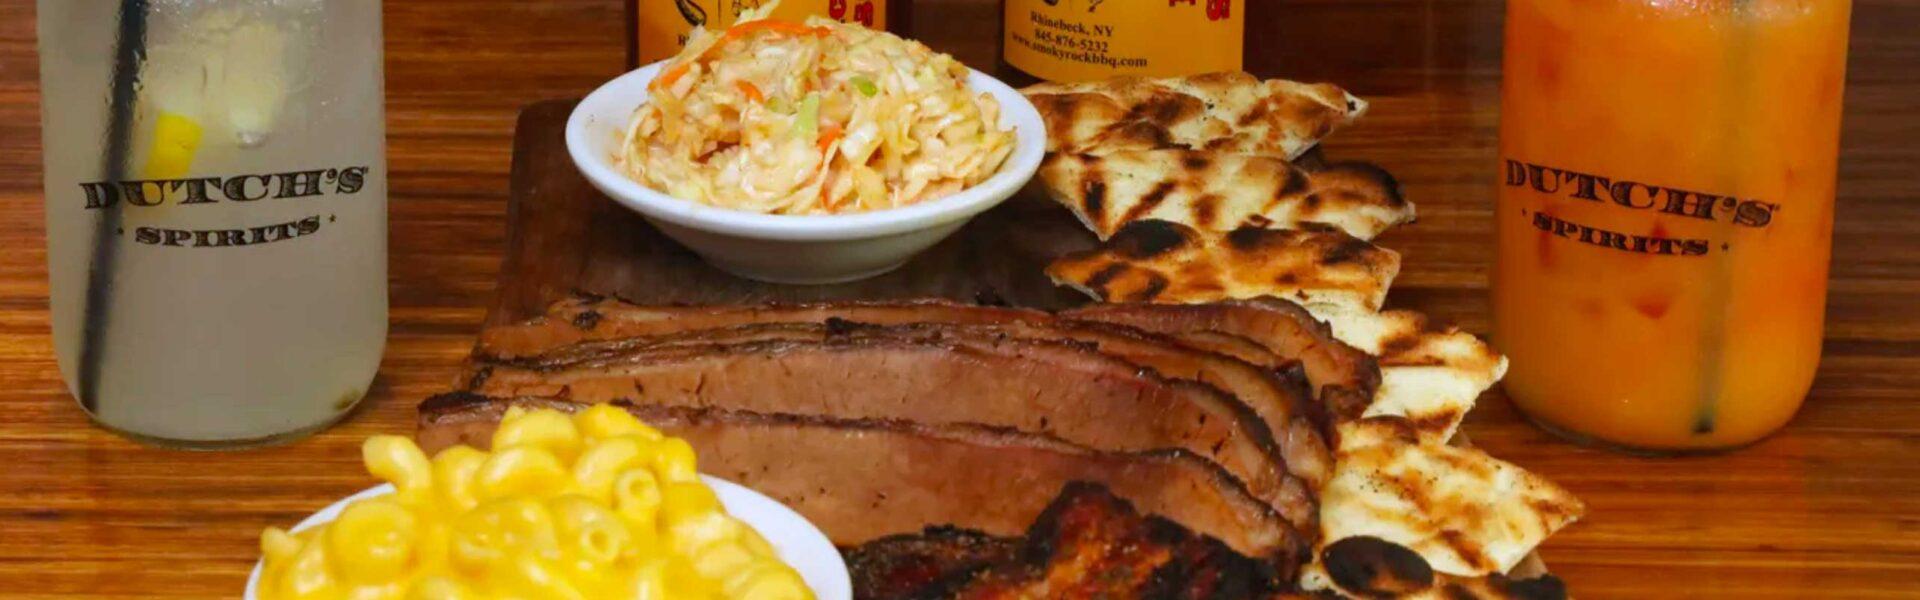 Rhinebeck's Smoky Rock BBQ spotlights NY-style BBQ